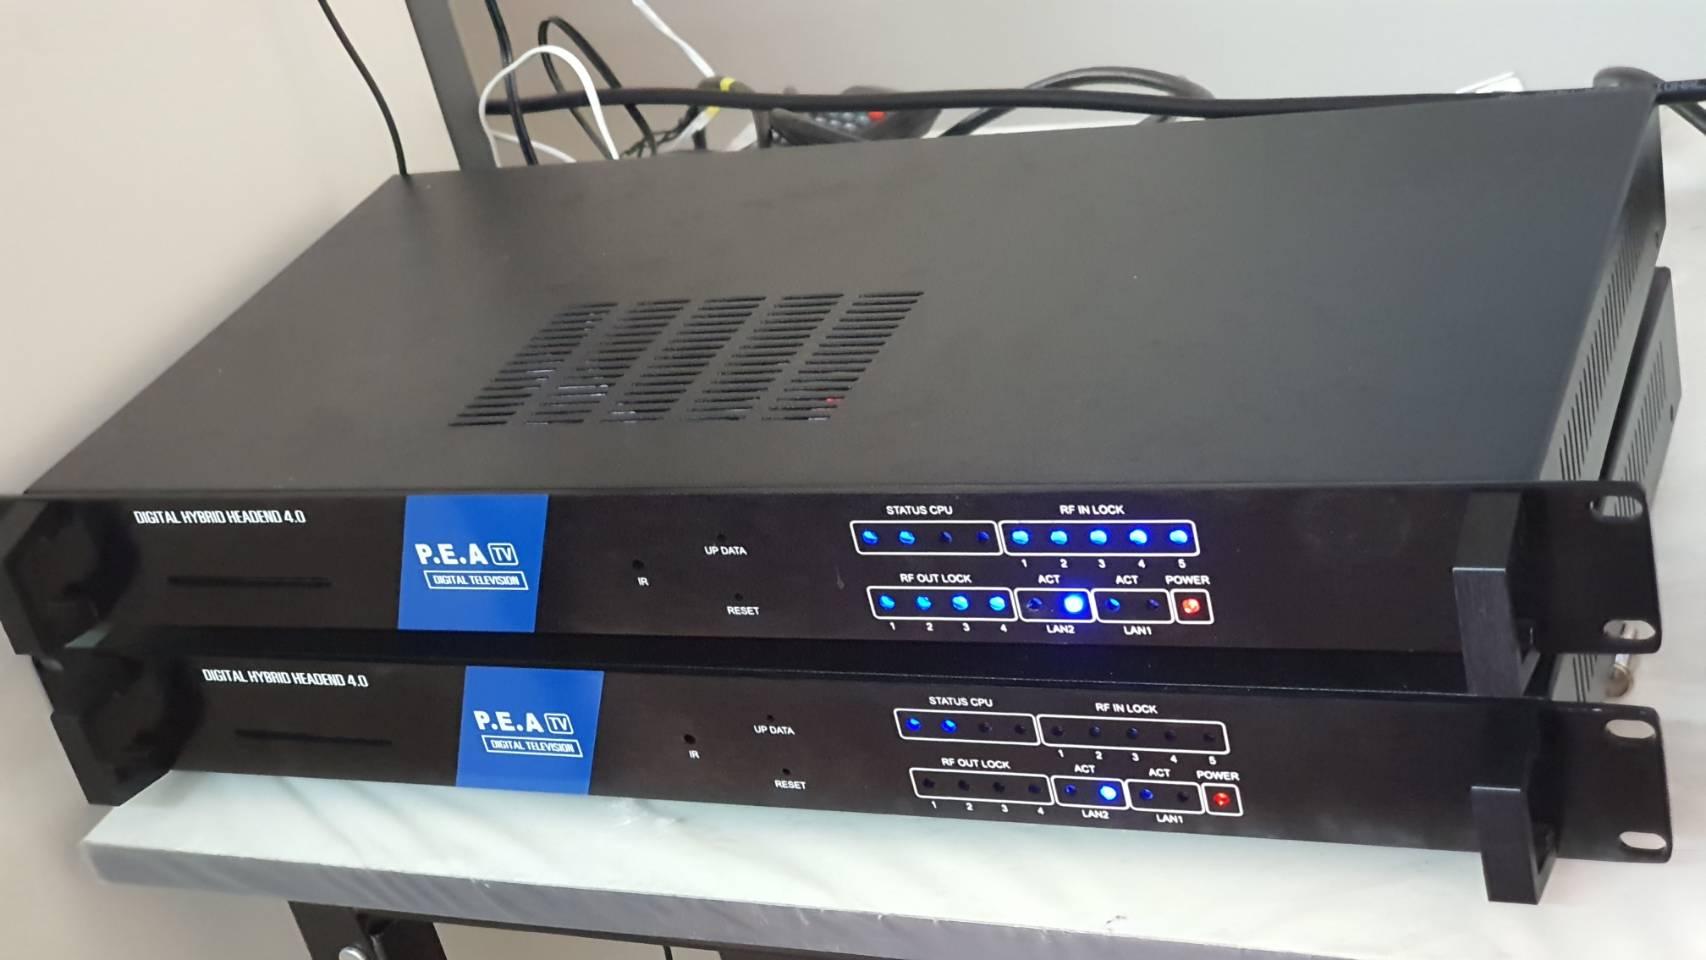 ระบบดิจิตอลทีวีพื้นฐาน 26 ช่อง รองรับเพิ่มจากดาวเทียม 100ช่อง 8